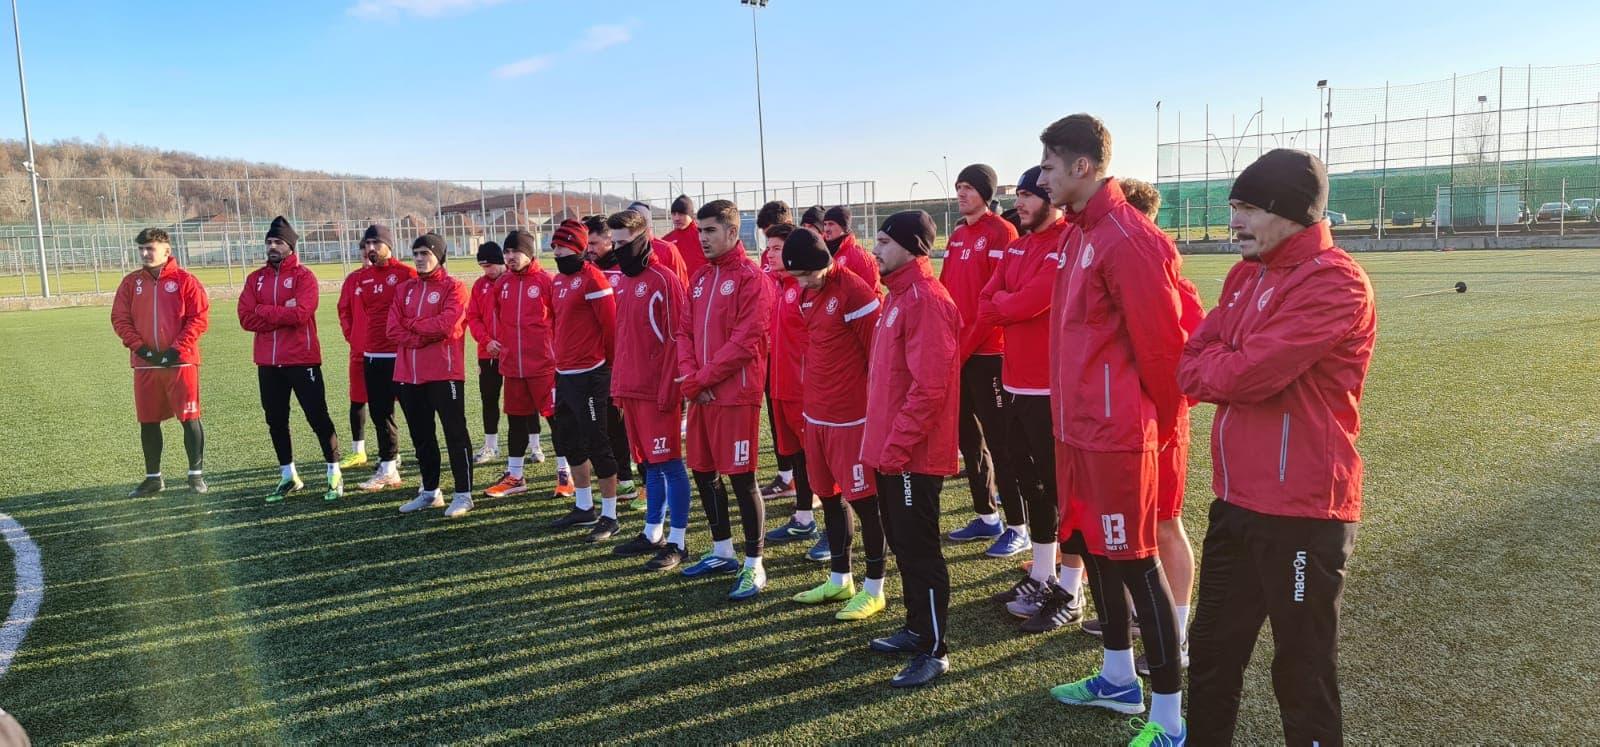 FOTO. CSM Slatina a dat startul pregătirilor în vederea abordării meciurilor oficiale, care vor începe pe 20 februarie